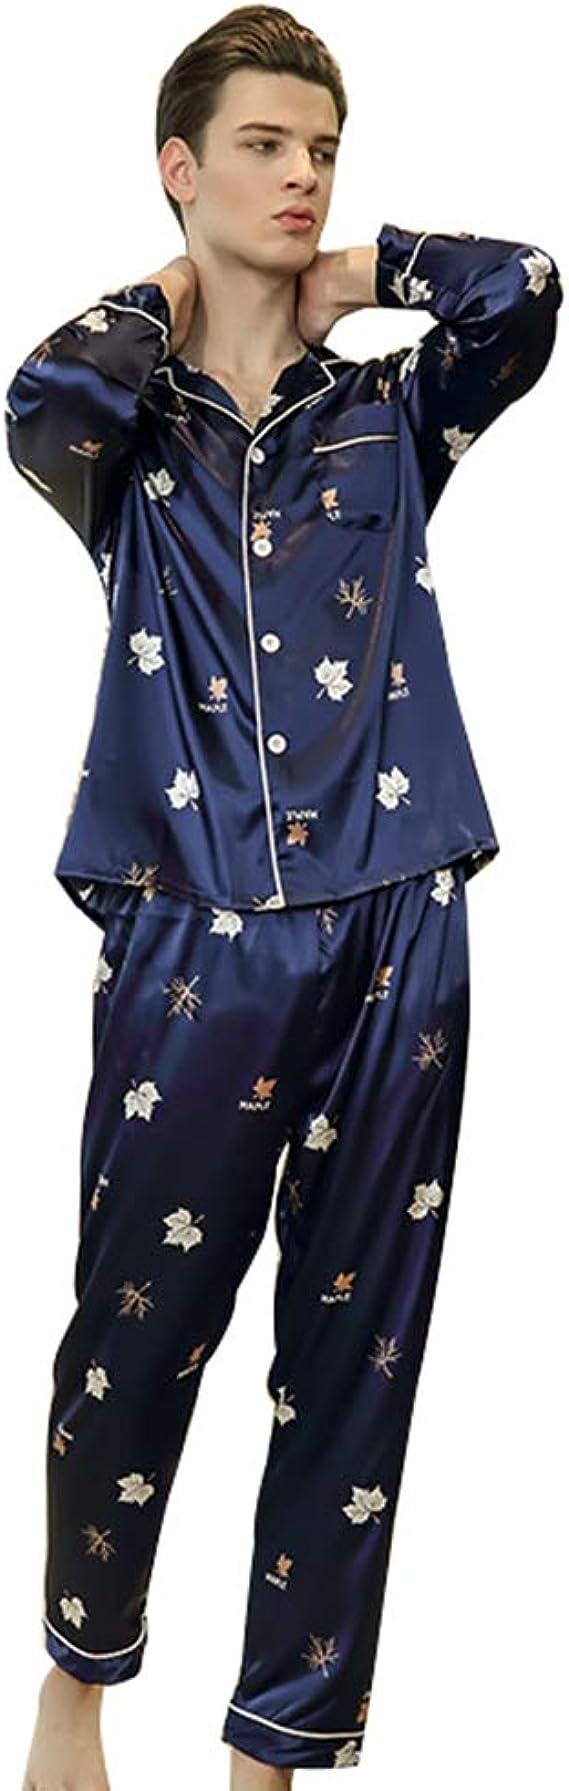 WanYangg Pijama De Raso Hombre Hoja Impresa Pijamas Masculinas Pijama De Satén Imitación Seda Mangas Largas Conjunto De Pijama con Botones